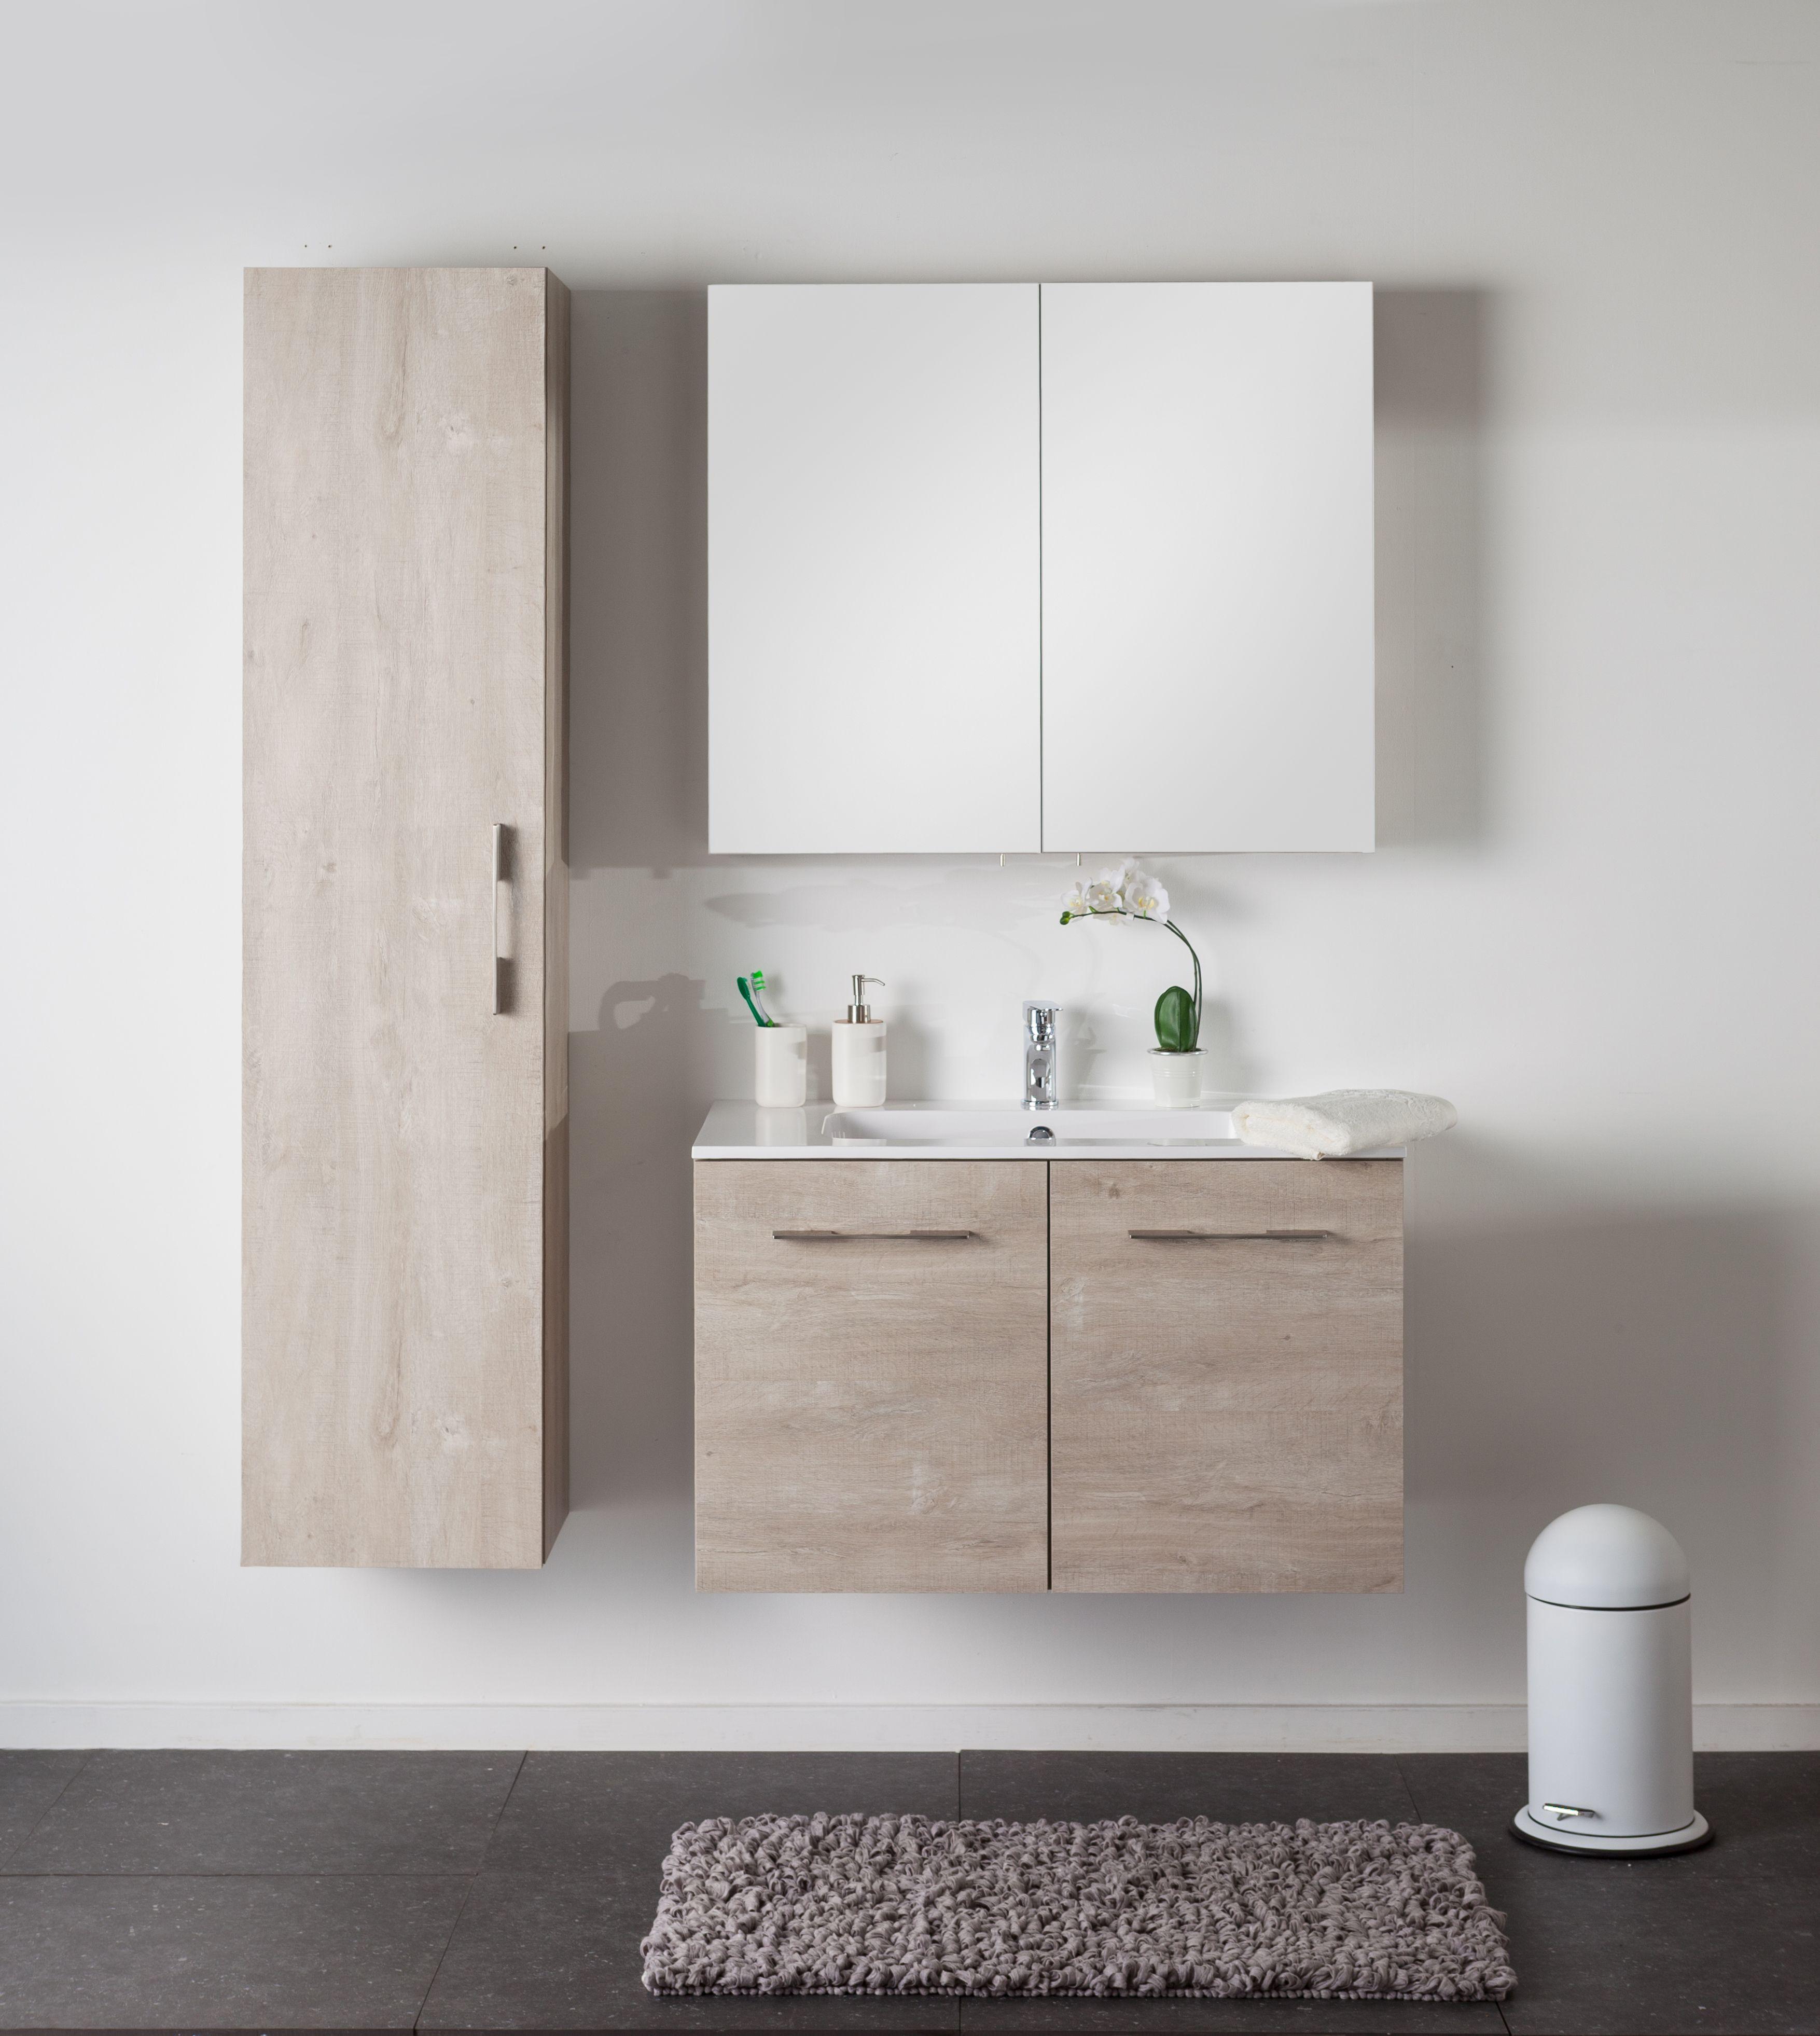 badkamermeubel dante eik betonlook enkel 2 deuren tijdloze